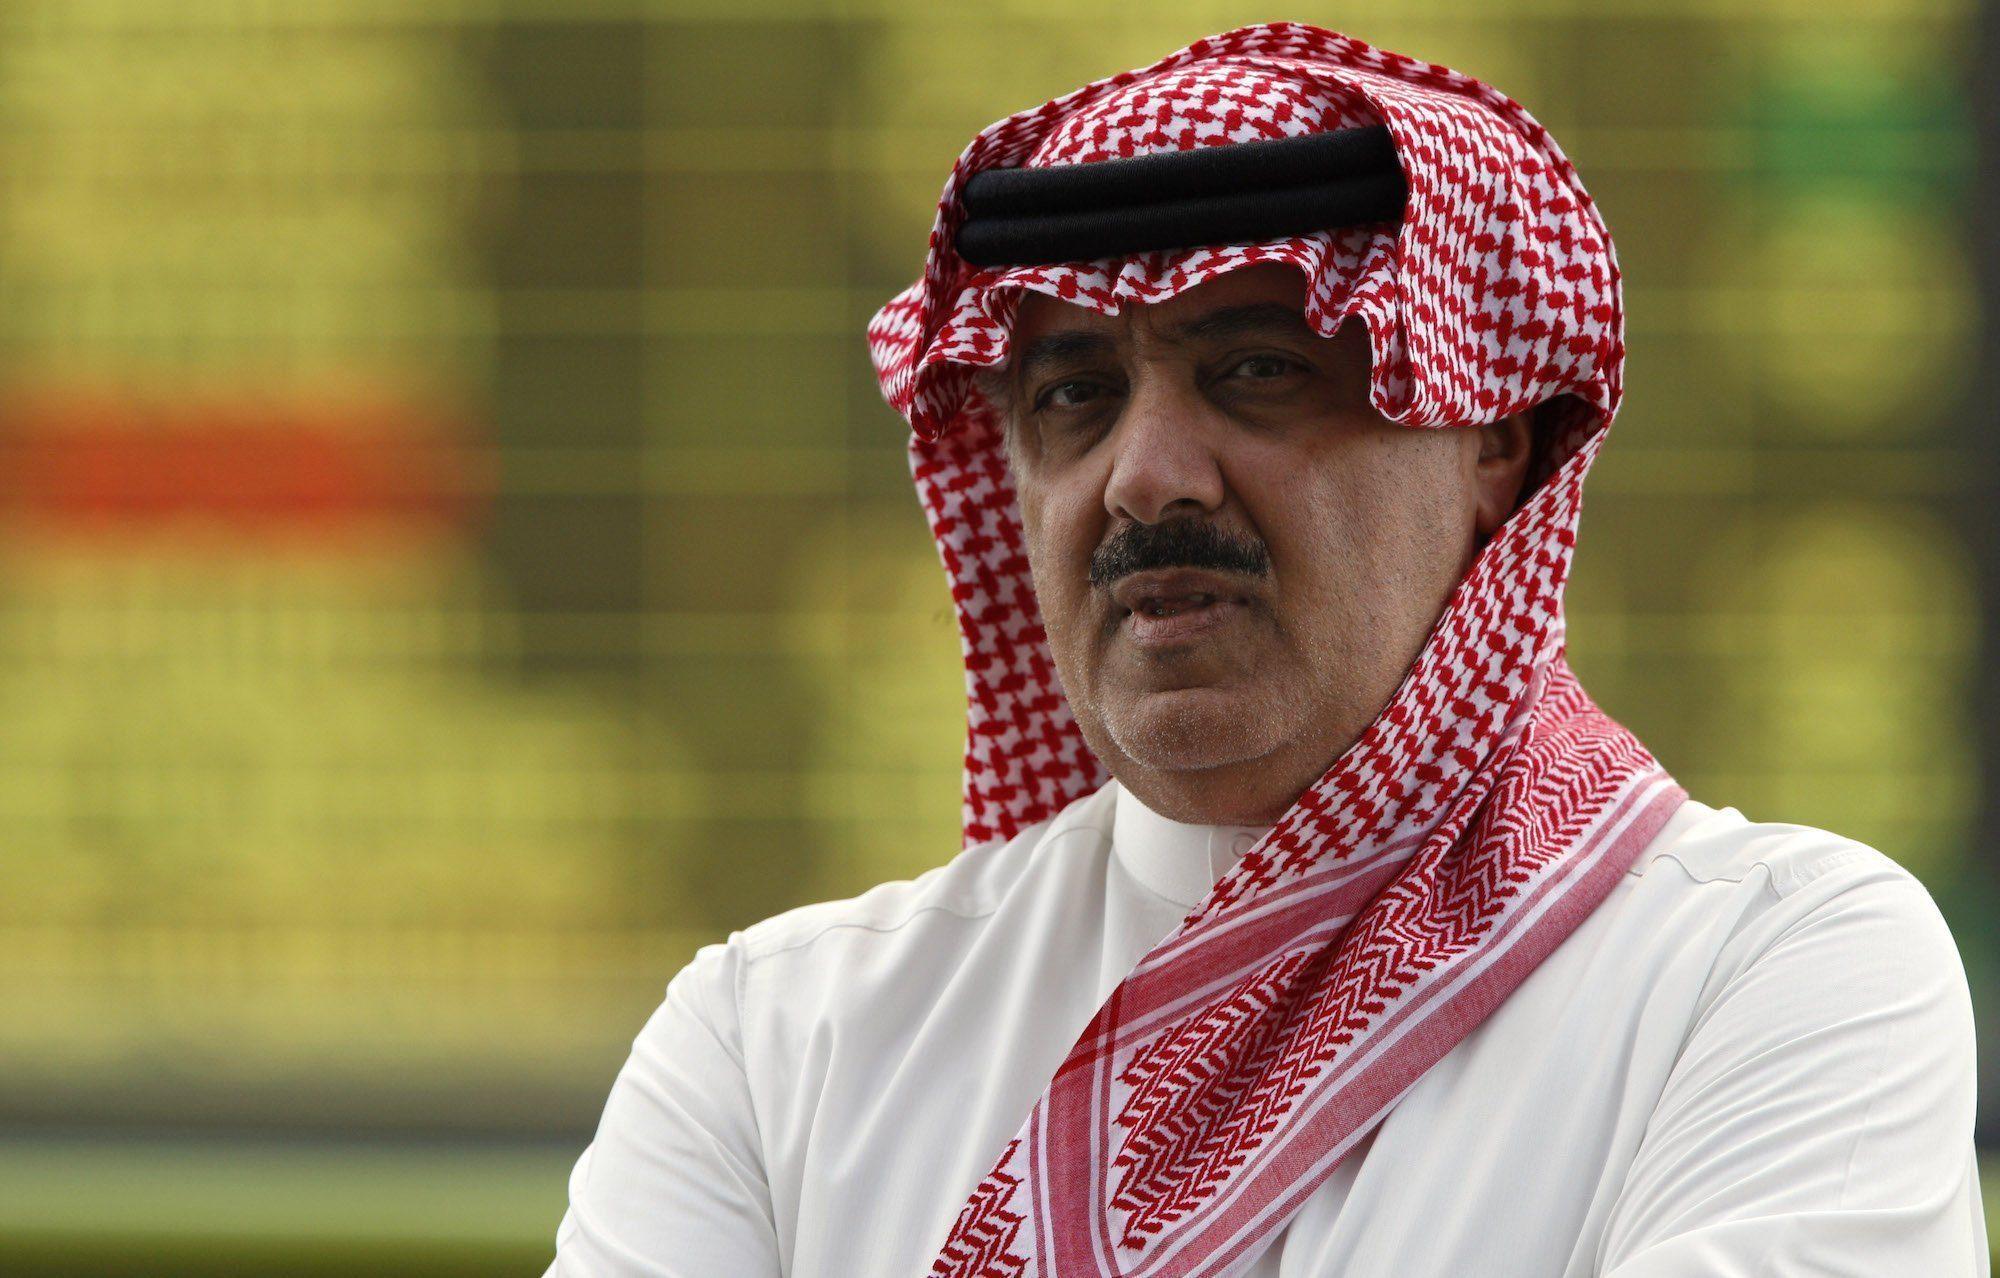 prince saeed bin miteb bin abdul aziz removed from guardap0810240176